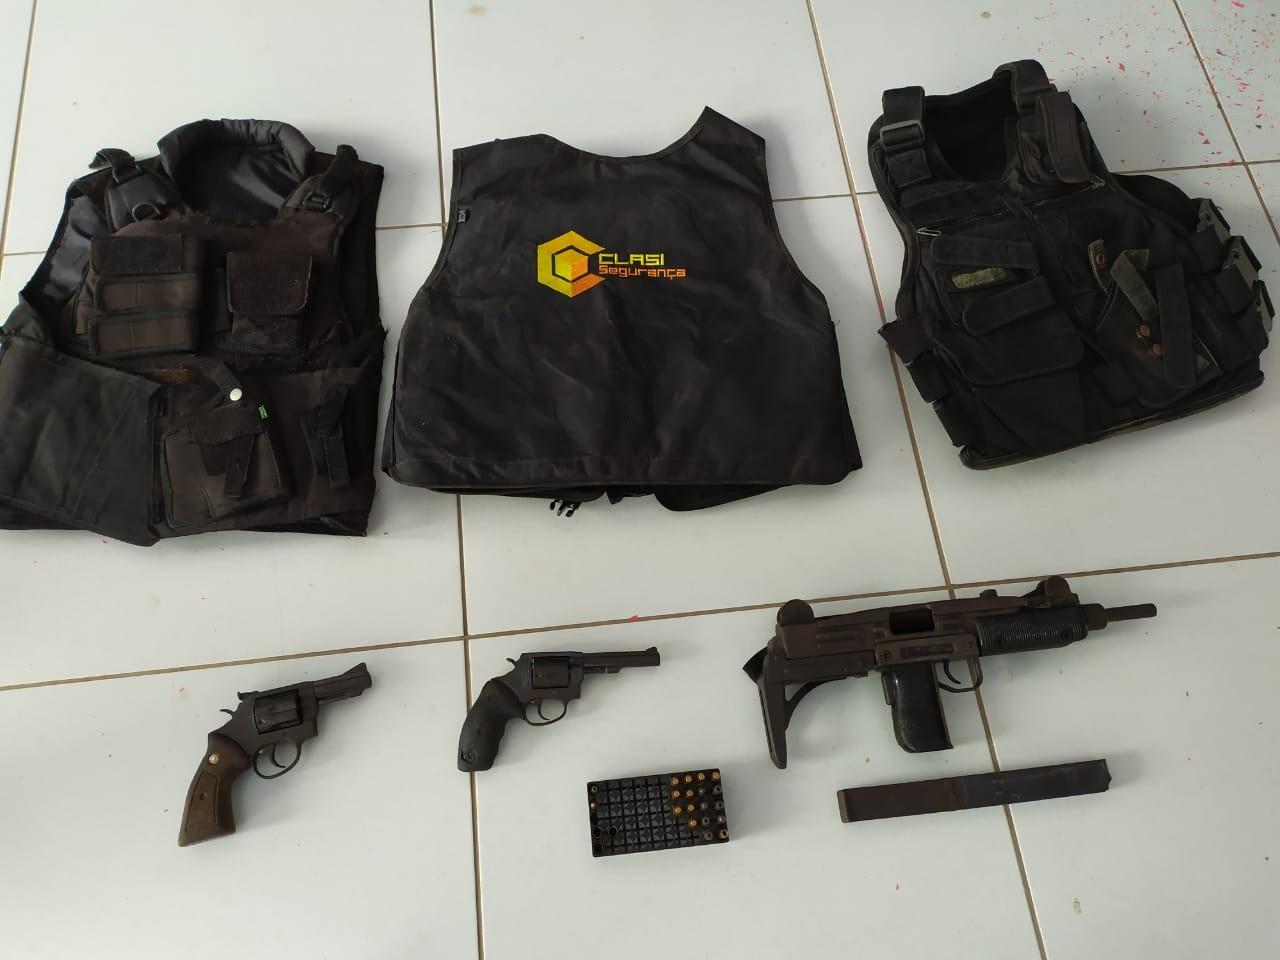 Quatro homens são presos por suspeita na participação de duplo homicídio em São Luís - Notícias - Plantão Diário